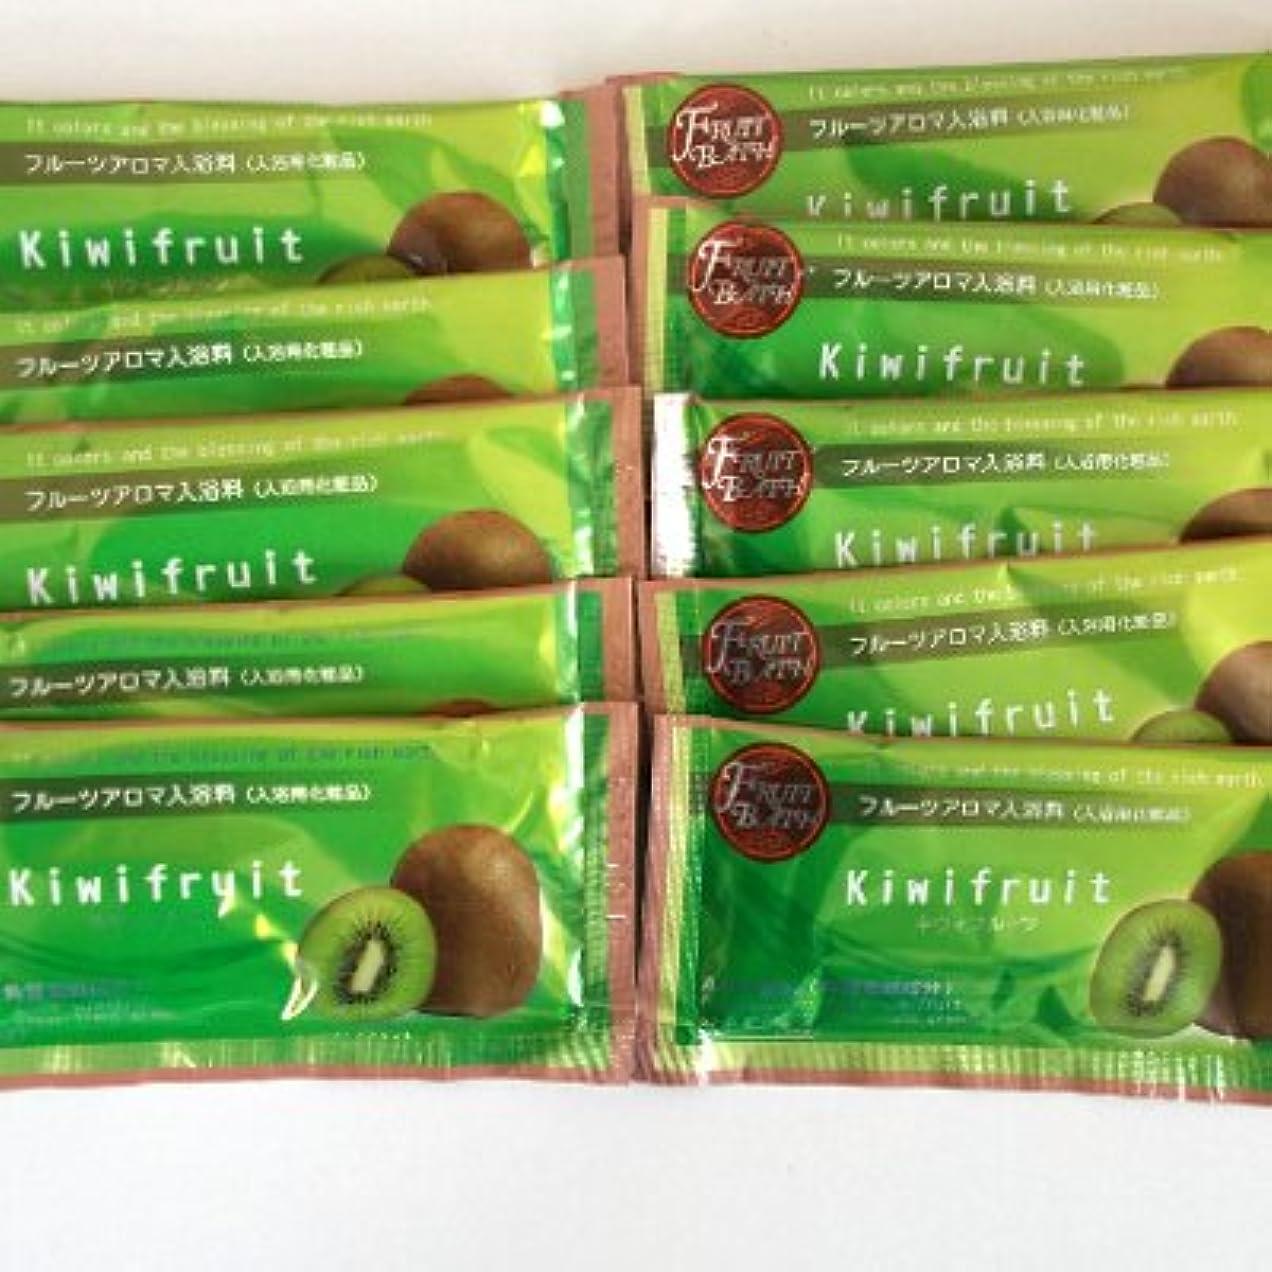 集団キャプテンブライ奨学金フルーツアロマ入浴剤 キウイフルーツの香り 10包セット